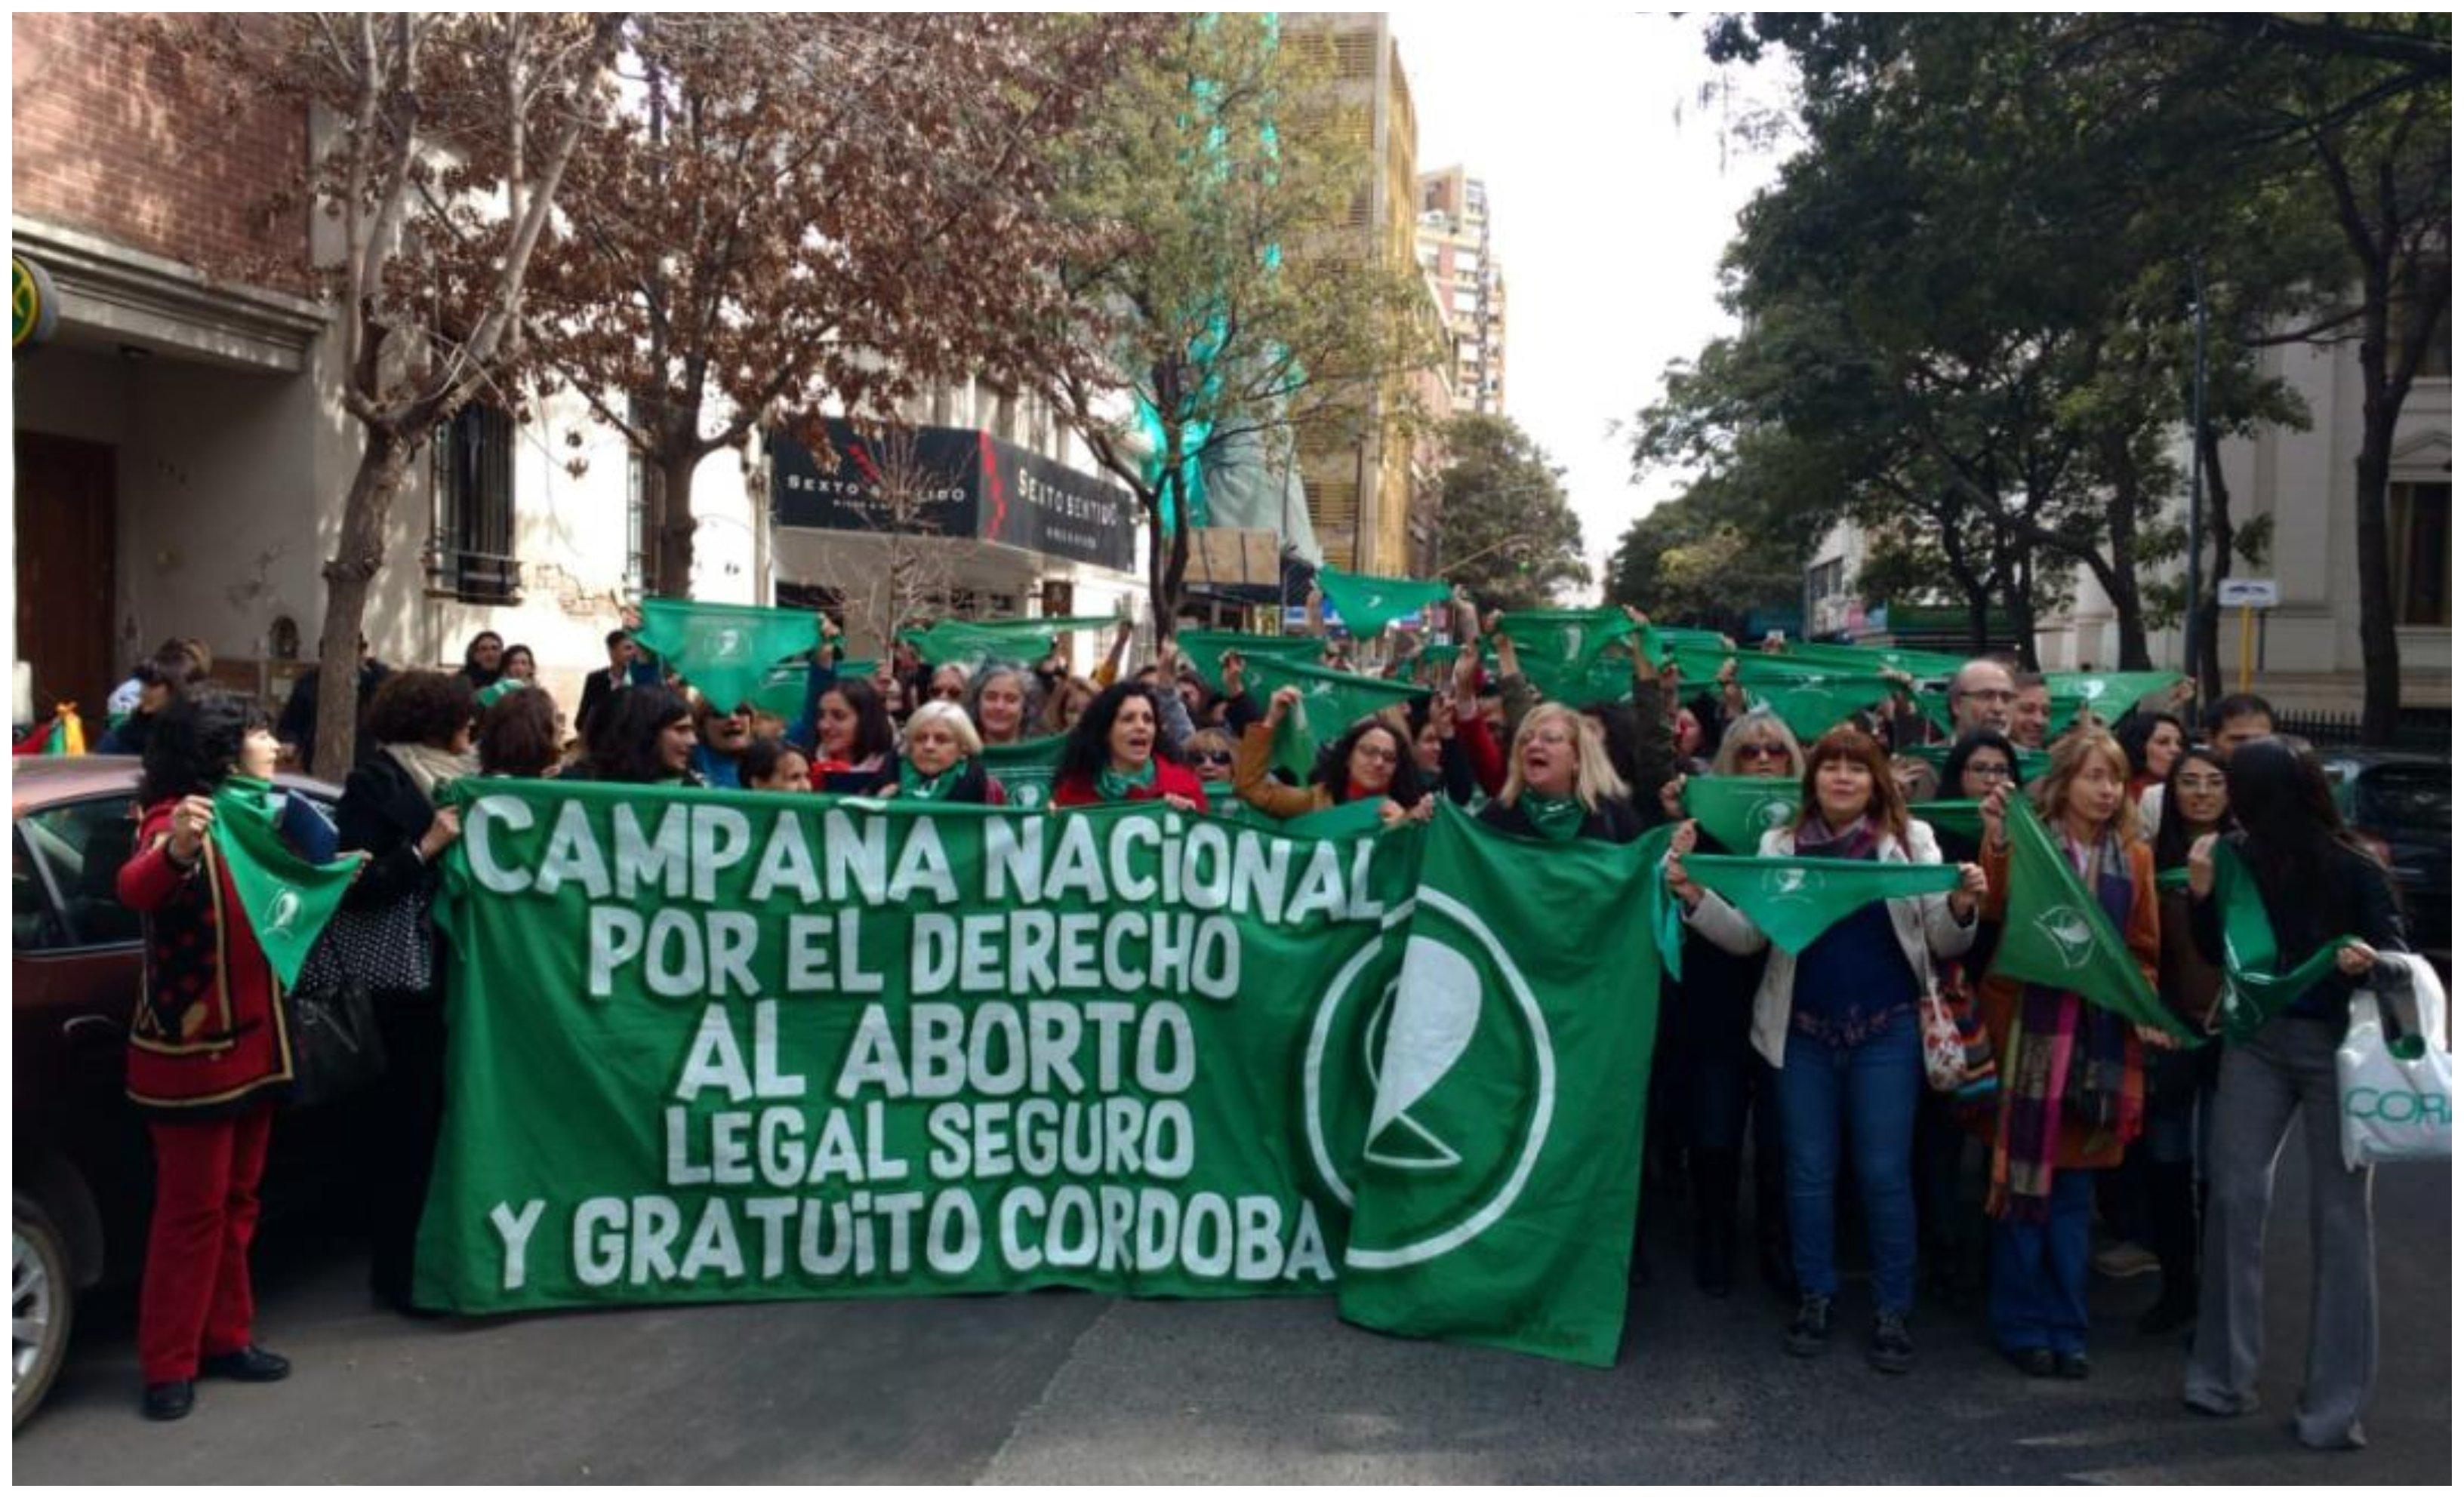 Argentinas presionan por la legalización del aborto